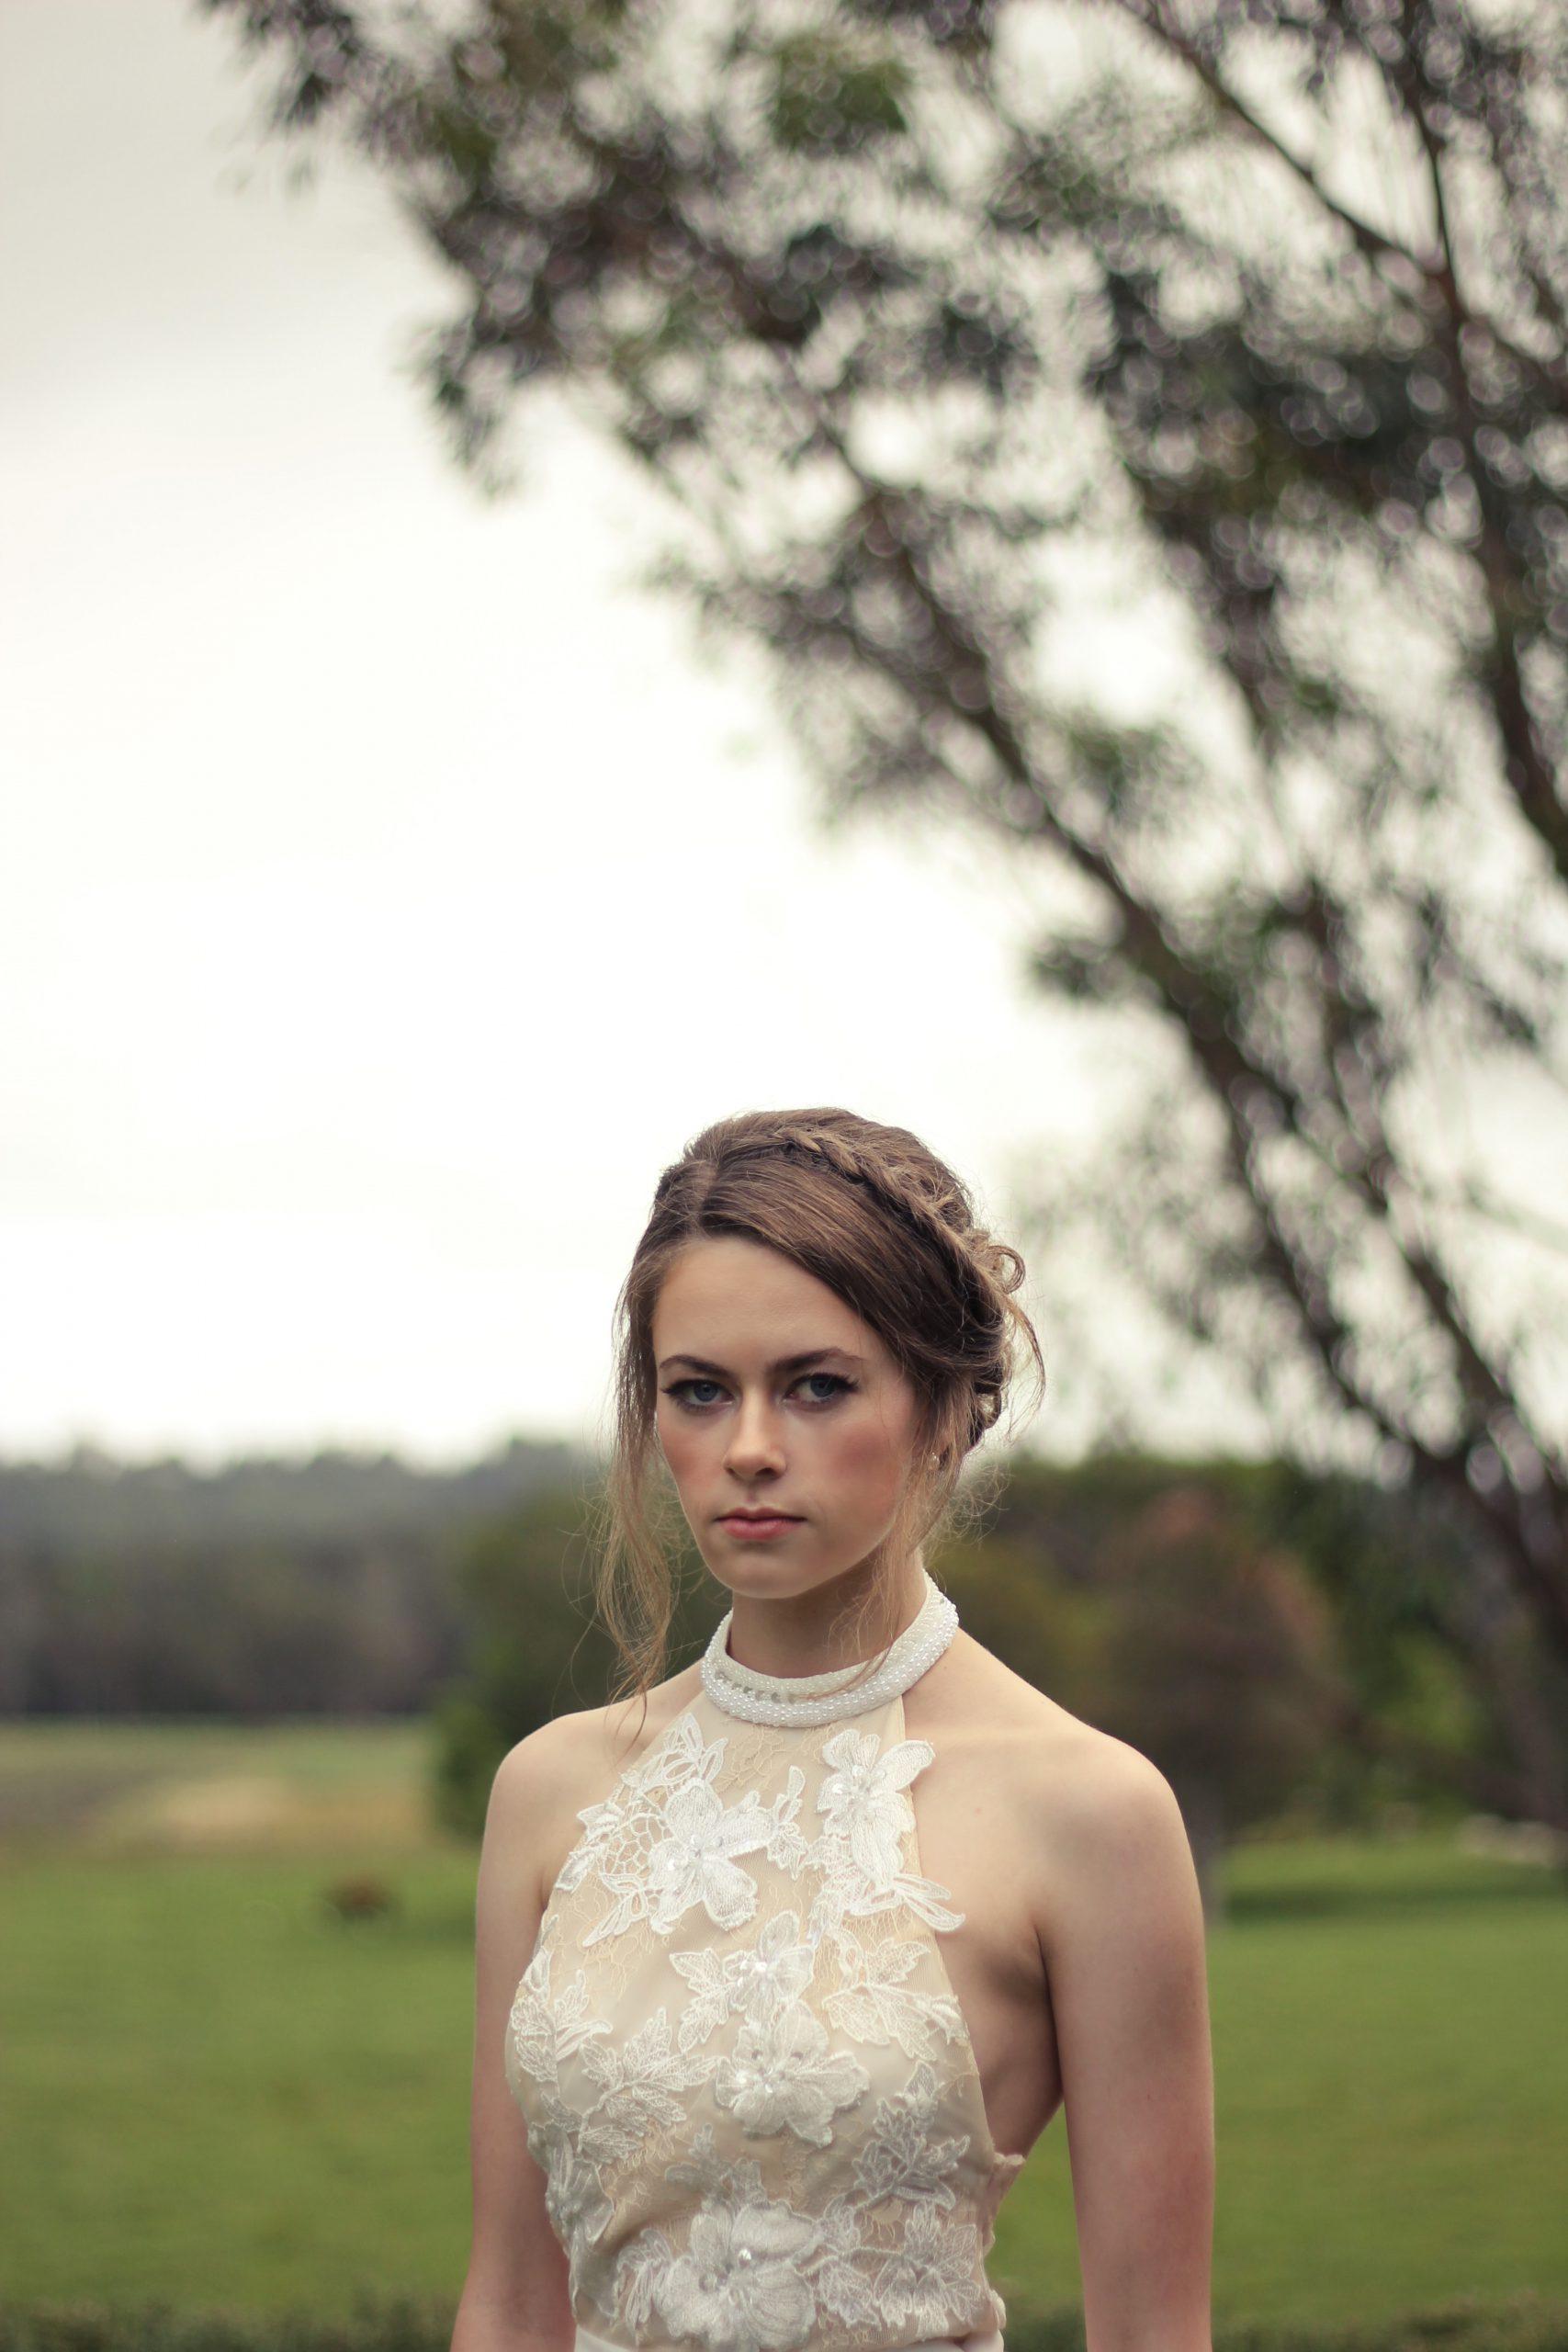 tekenen dat je een bridezilla bent